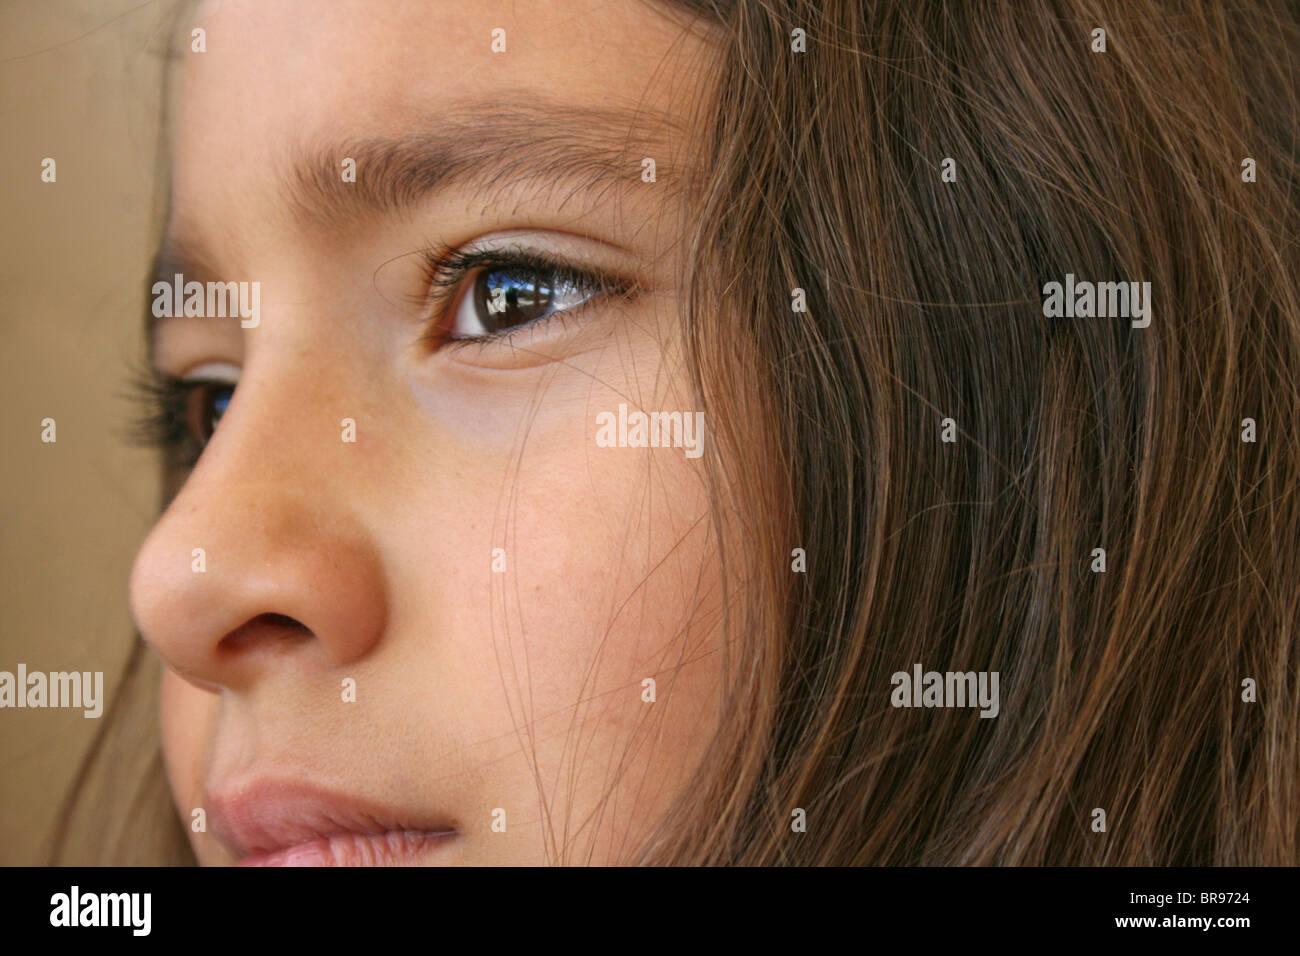 Nahaufnahme von hispanischen Mädchen mit besorgt Ausdruck Stockbild